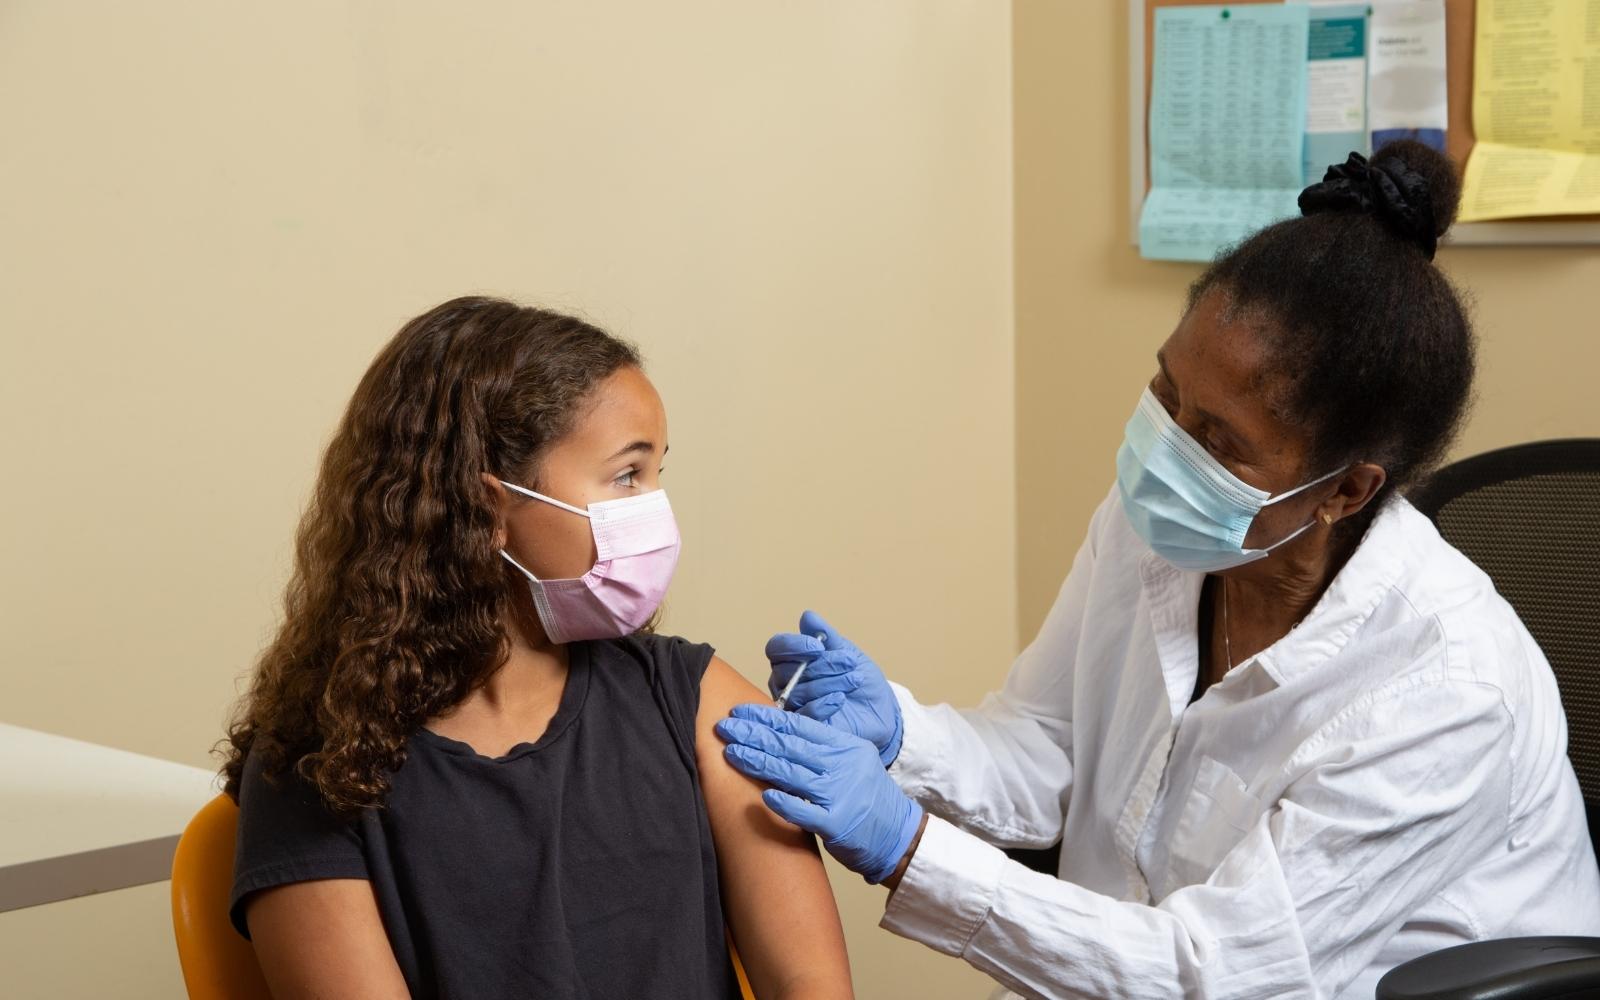 Após deliberação do Ministério da Saúde, prefeitura de Mariana suspende vacinação contra a Covid-19 em adolescentes sem comorbidade